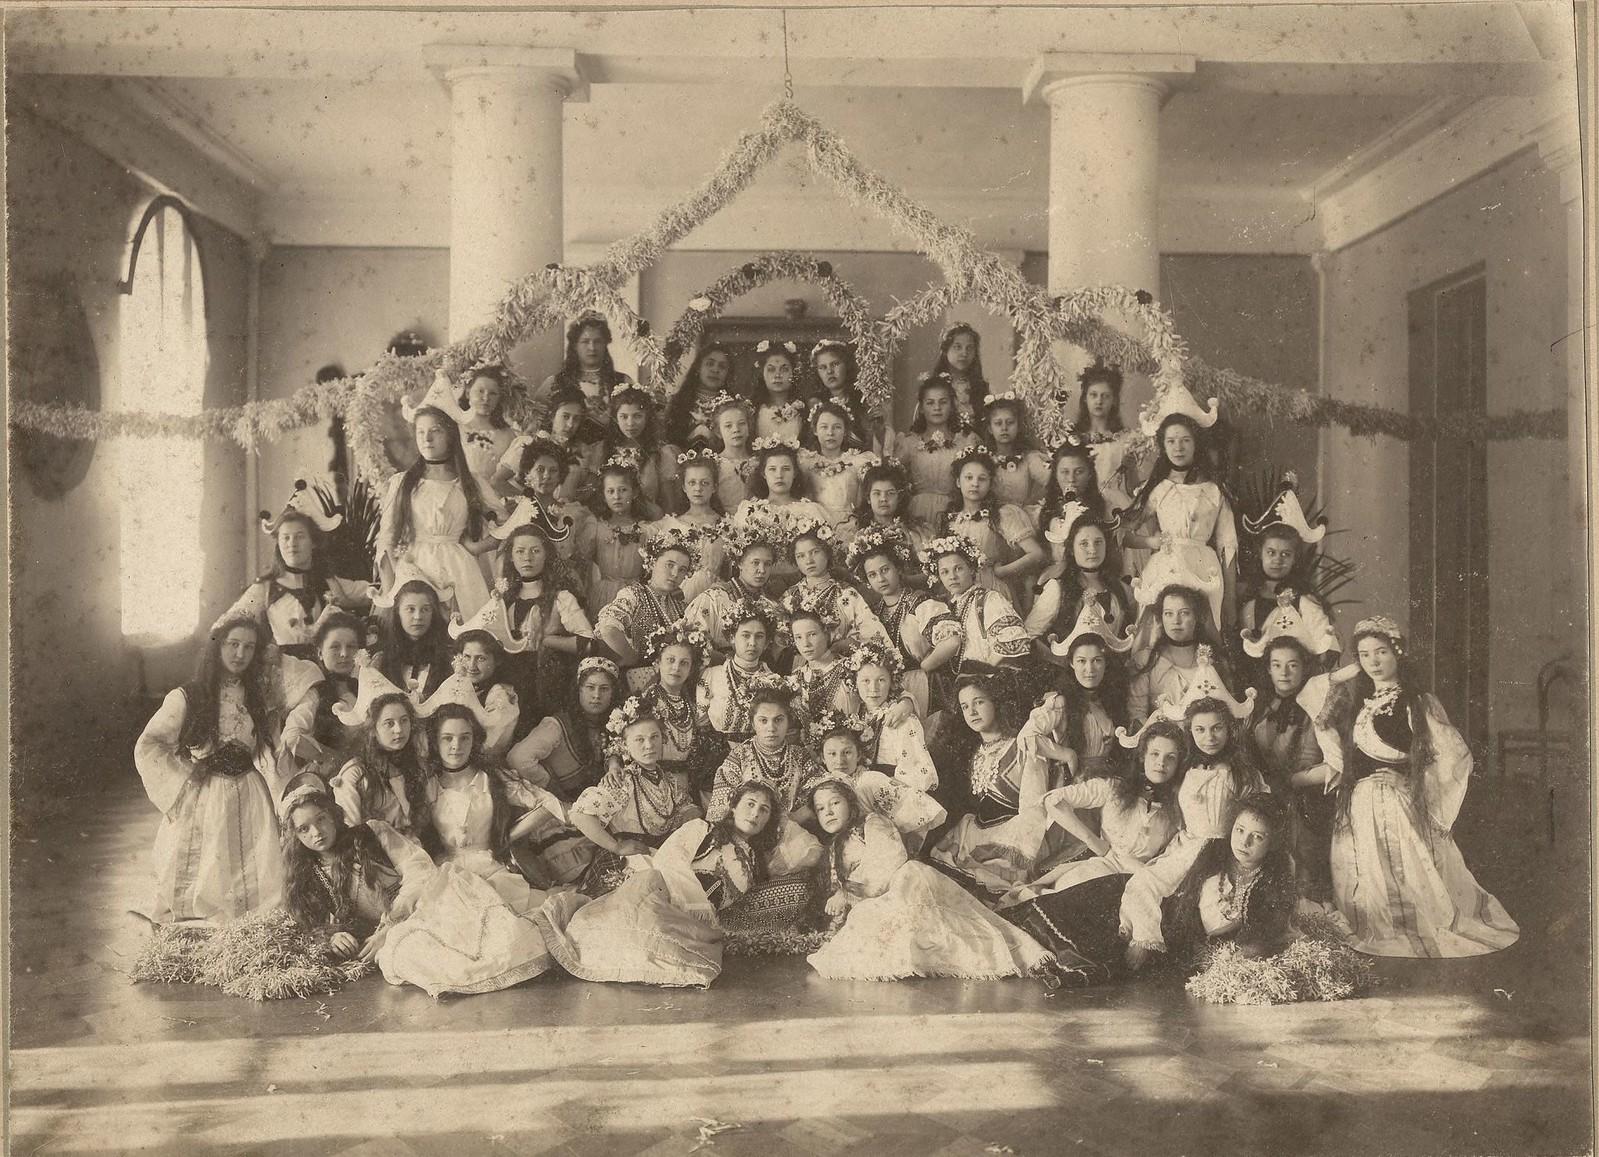 1902. Бал-маскарад в Иркутском институте благородных девиц имени Императора Николая I.